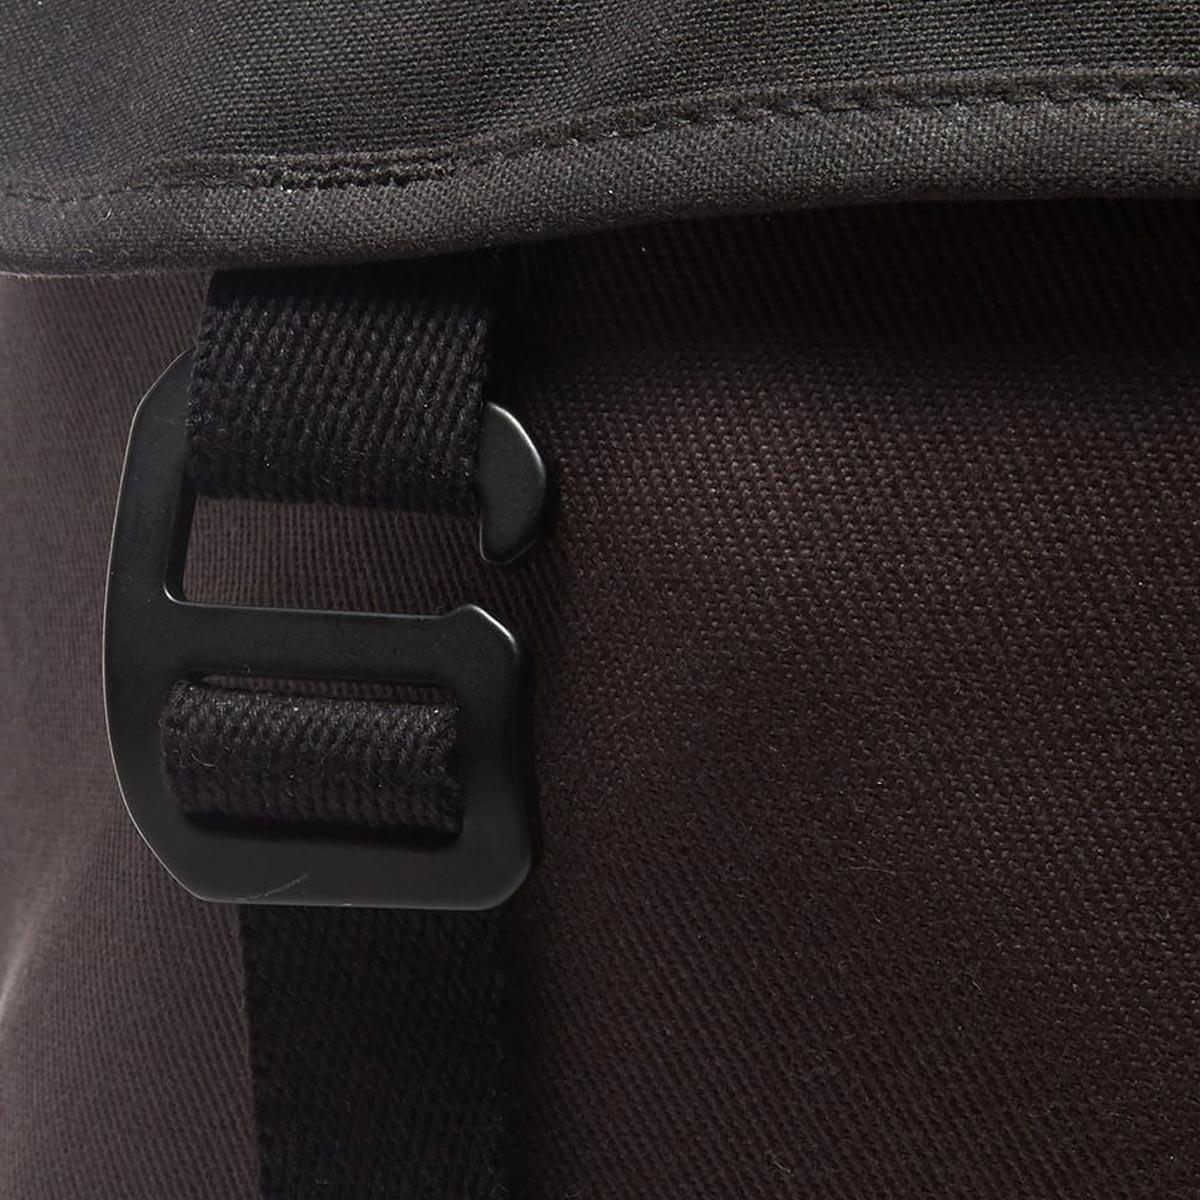 Filson Ranger Backpack 20137828 Cinder a rugged, vintage inspired, backpack